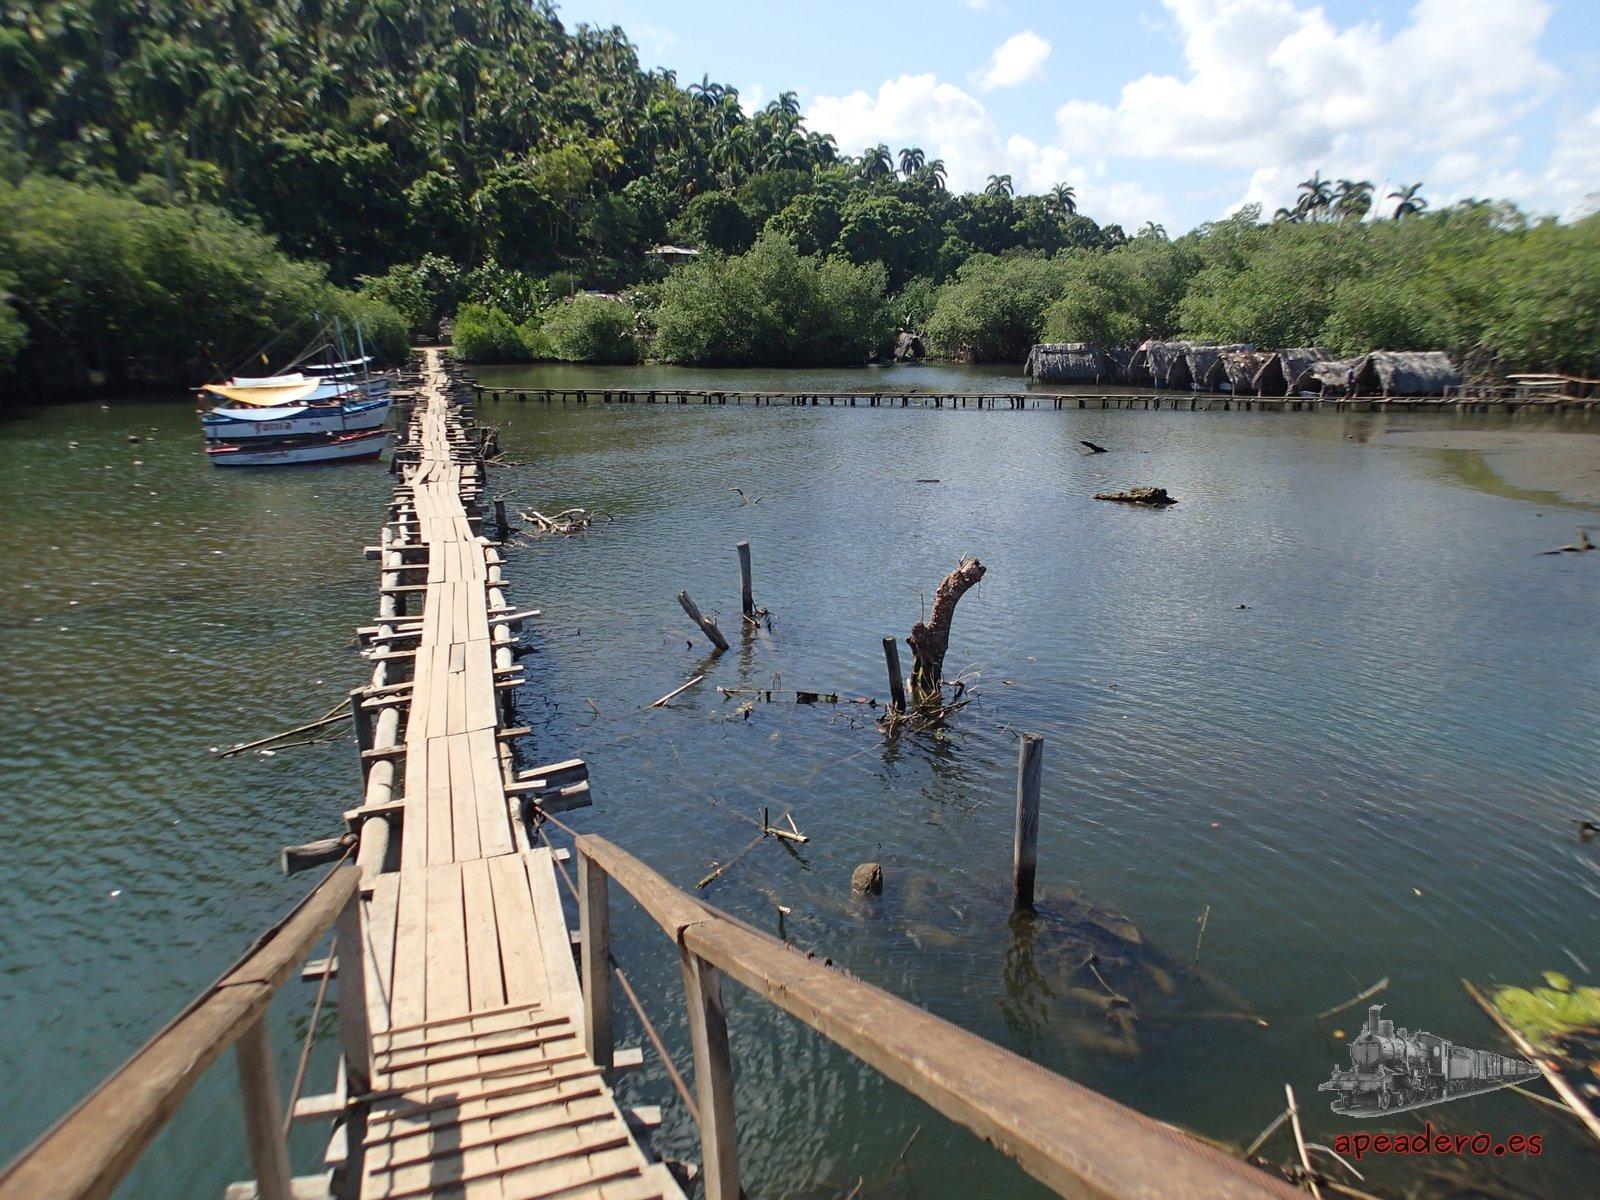 Pasear por estas pasarelas es gratis en Baracoa, luego es cuando se paga